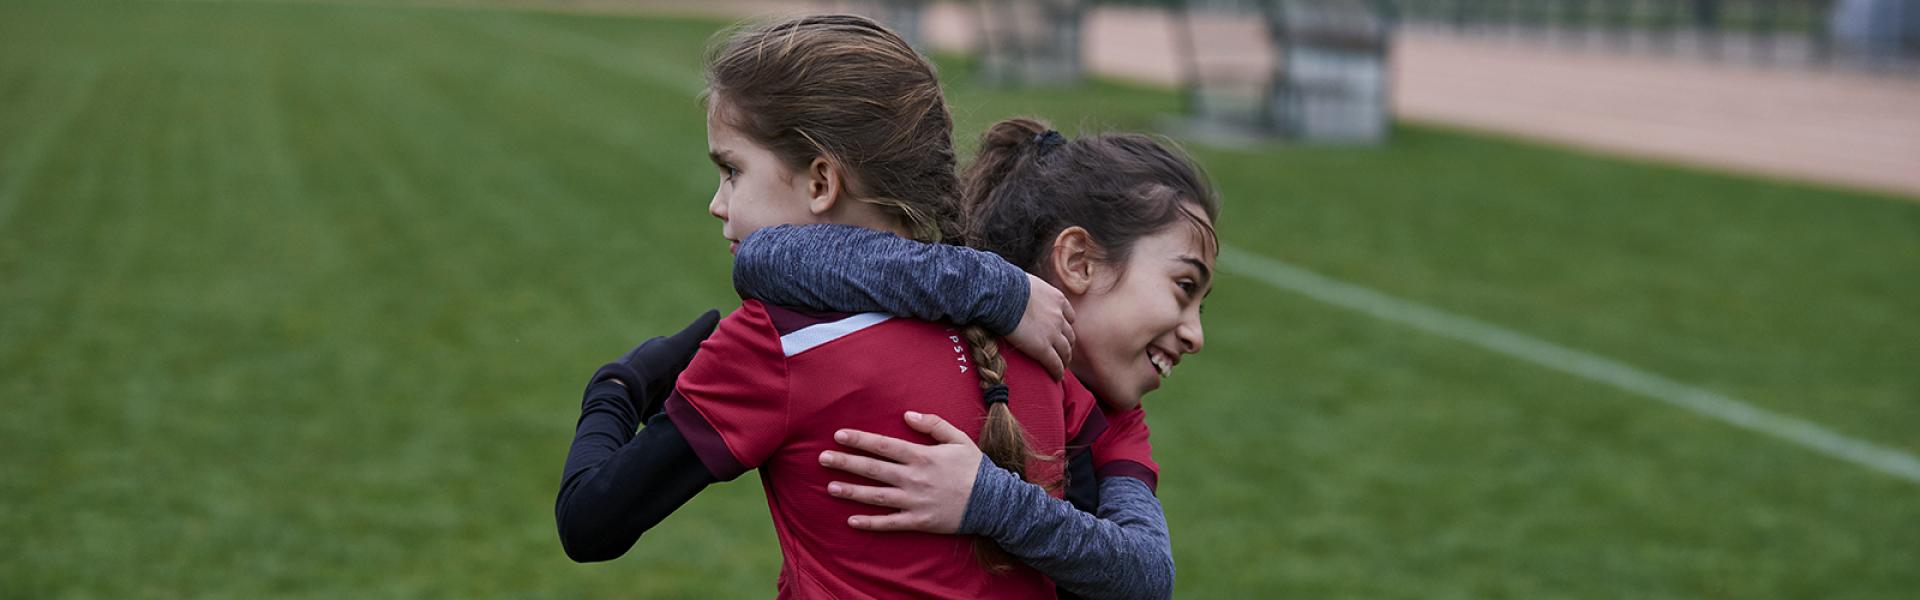 Découvrez notre gamme de produits Football pour les filles